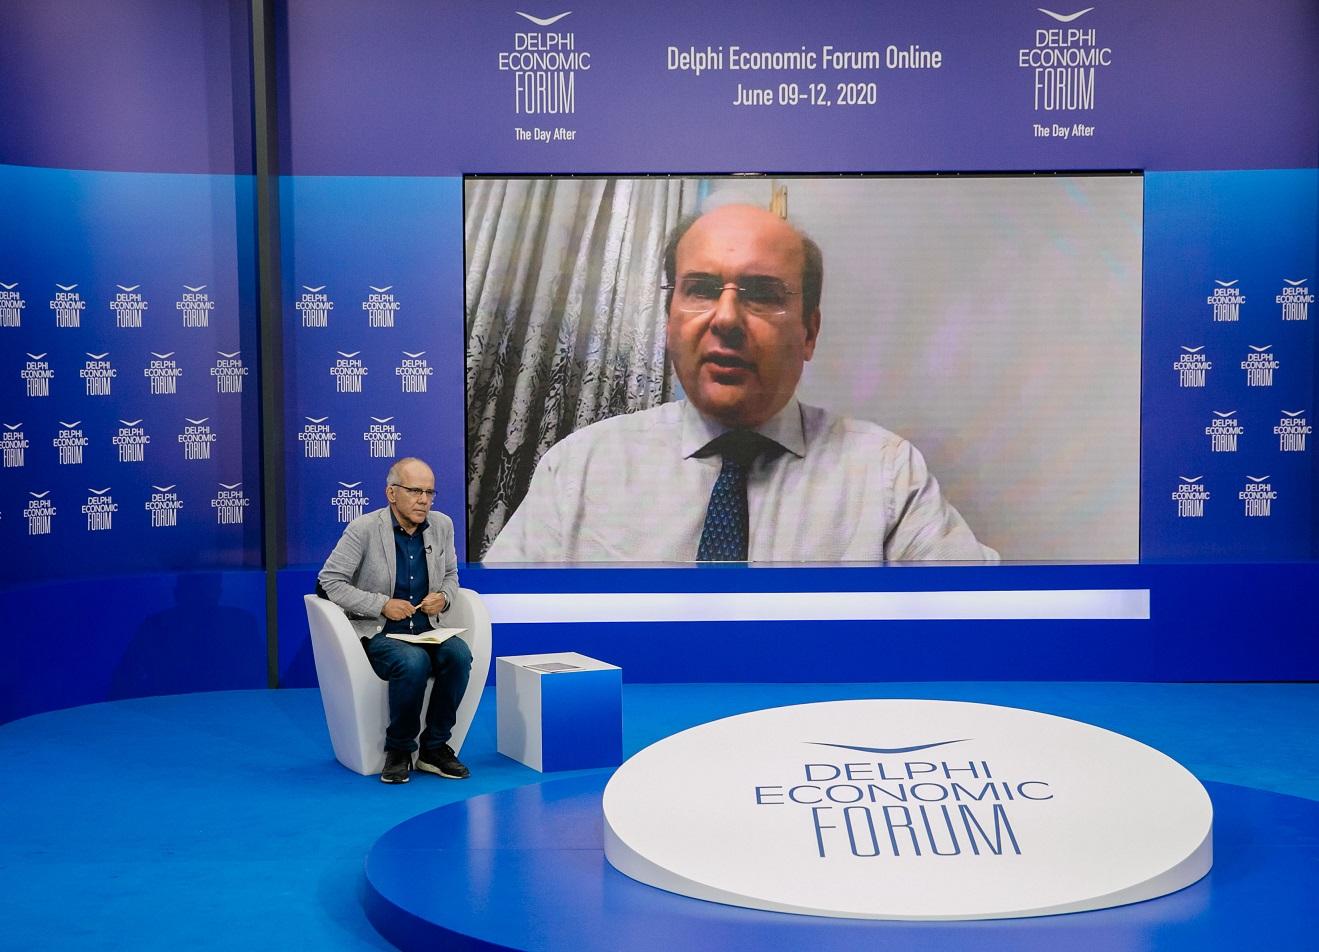 Κ. Χατζηδάκης: Έρχονται πράσινες επενδύσεις 1,7 δισ. ευρώ-«Παραφωνία» η Τουρκία